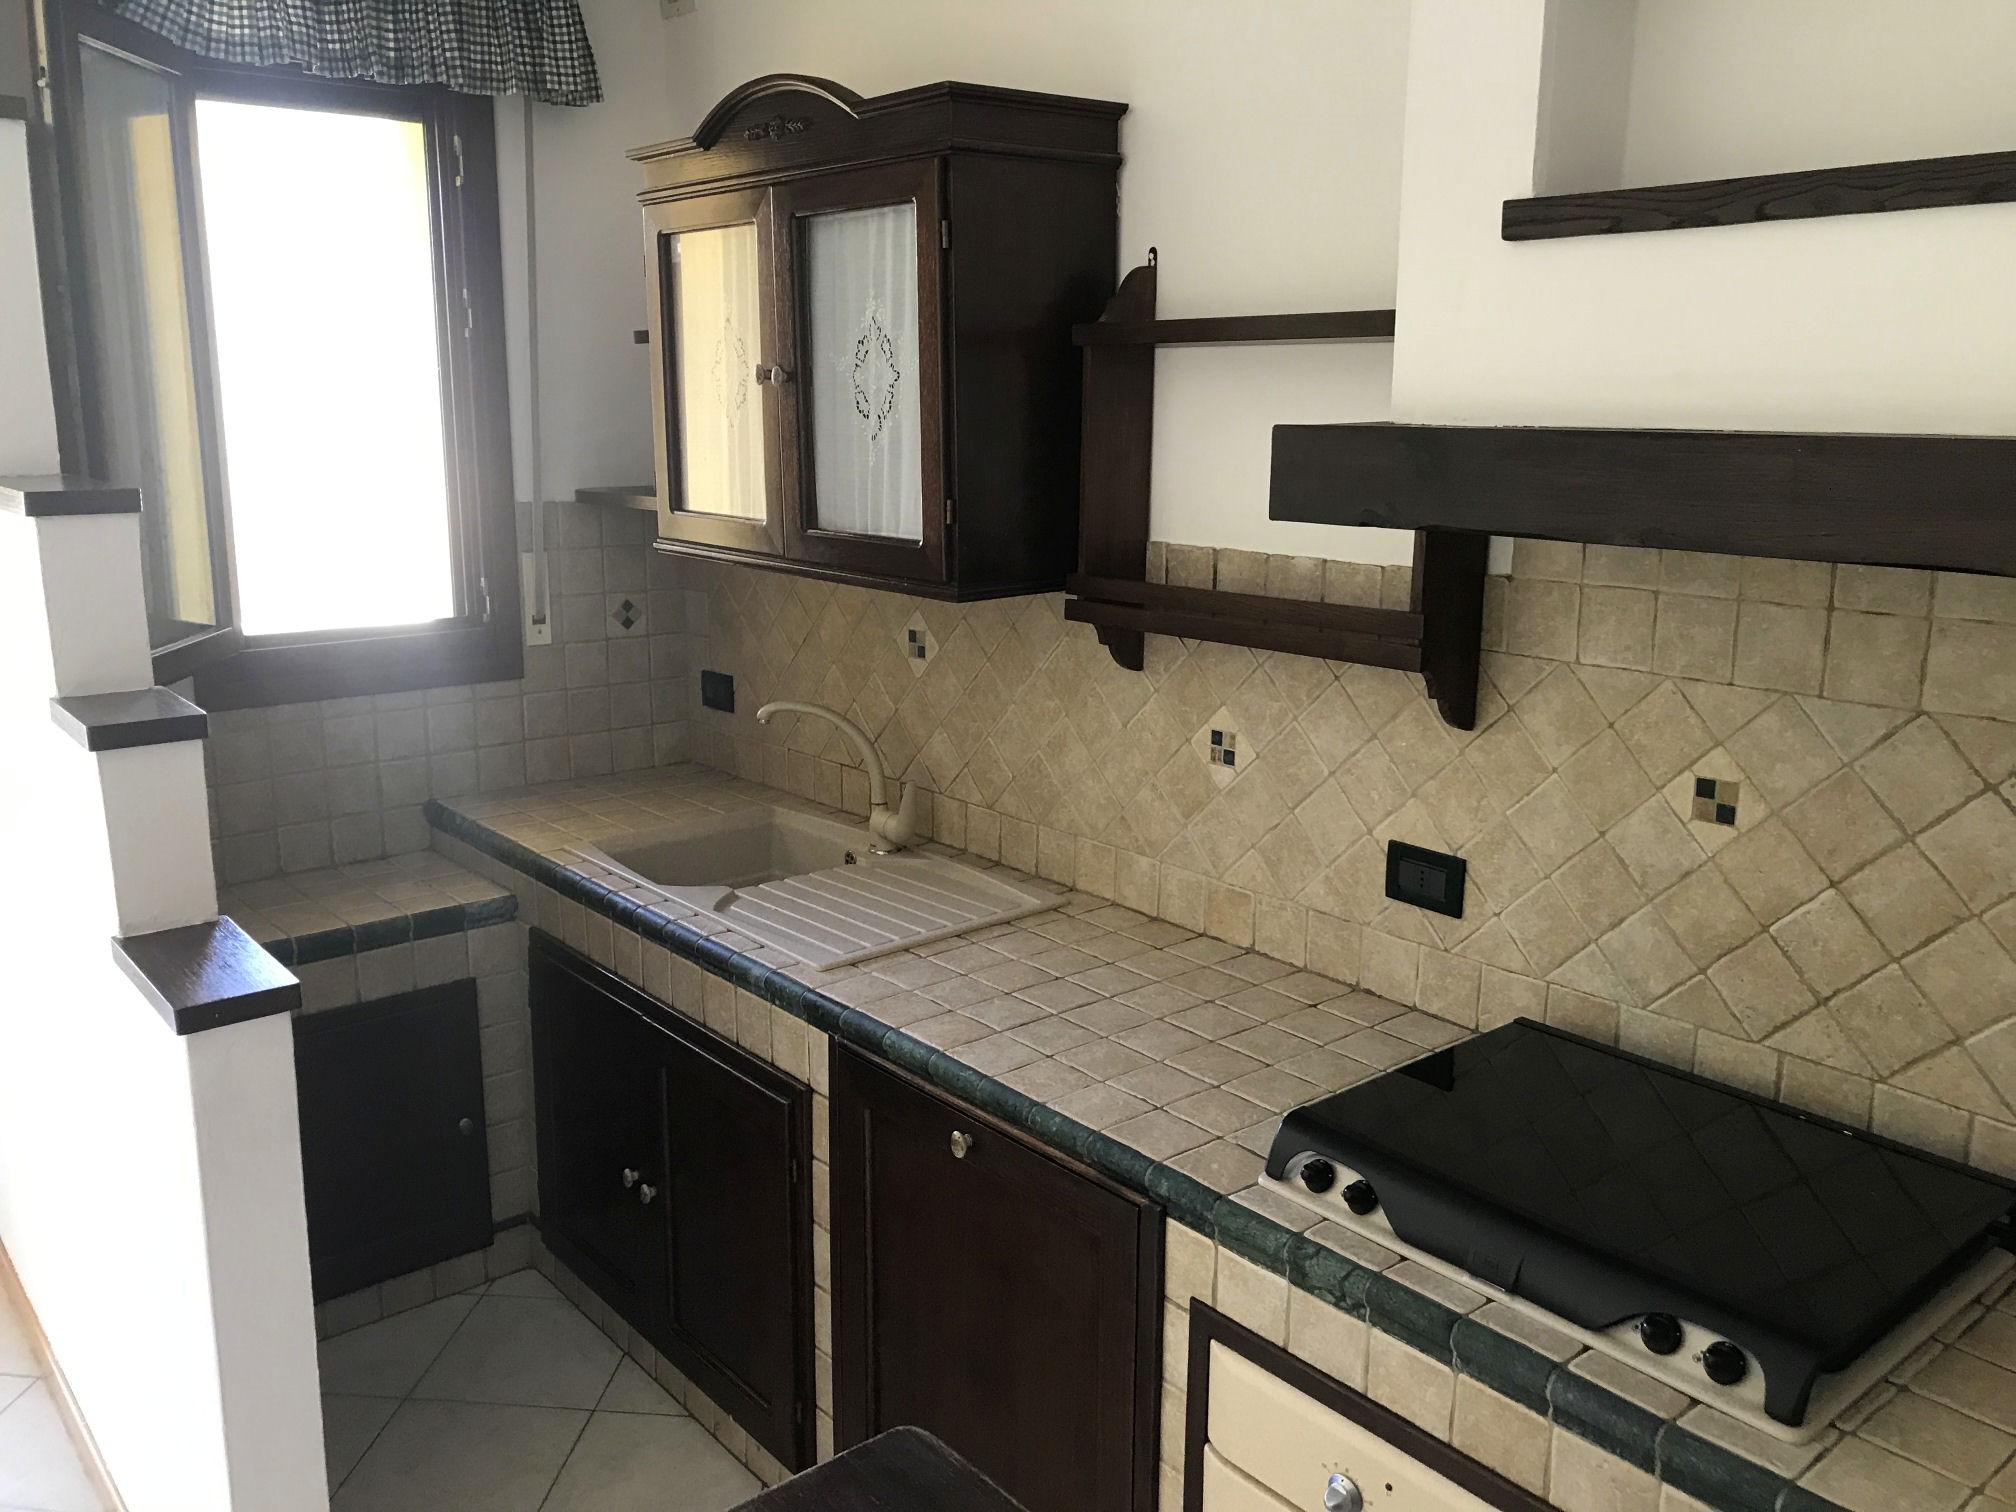 Arezzo. Zona Pantano. Appartamento 3 locali in vendita. Garage e cantina.